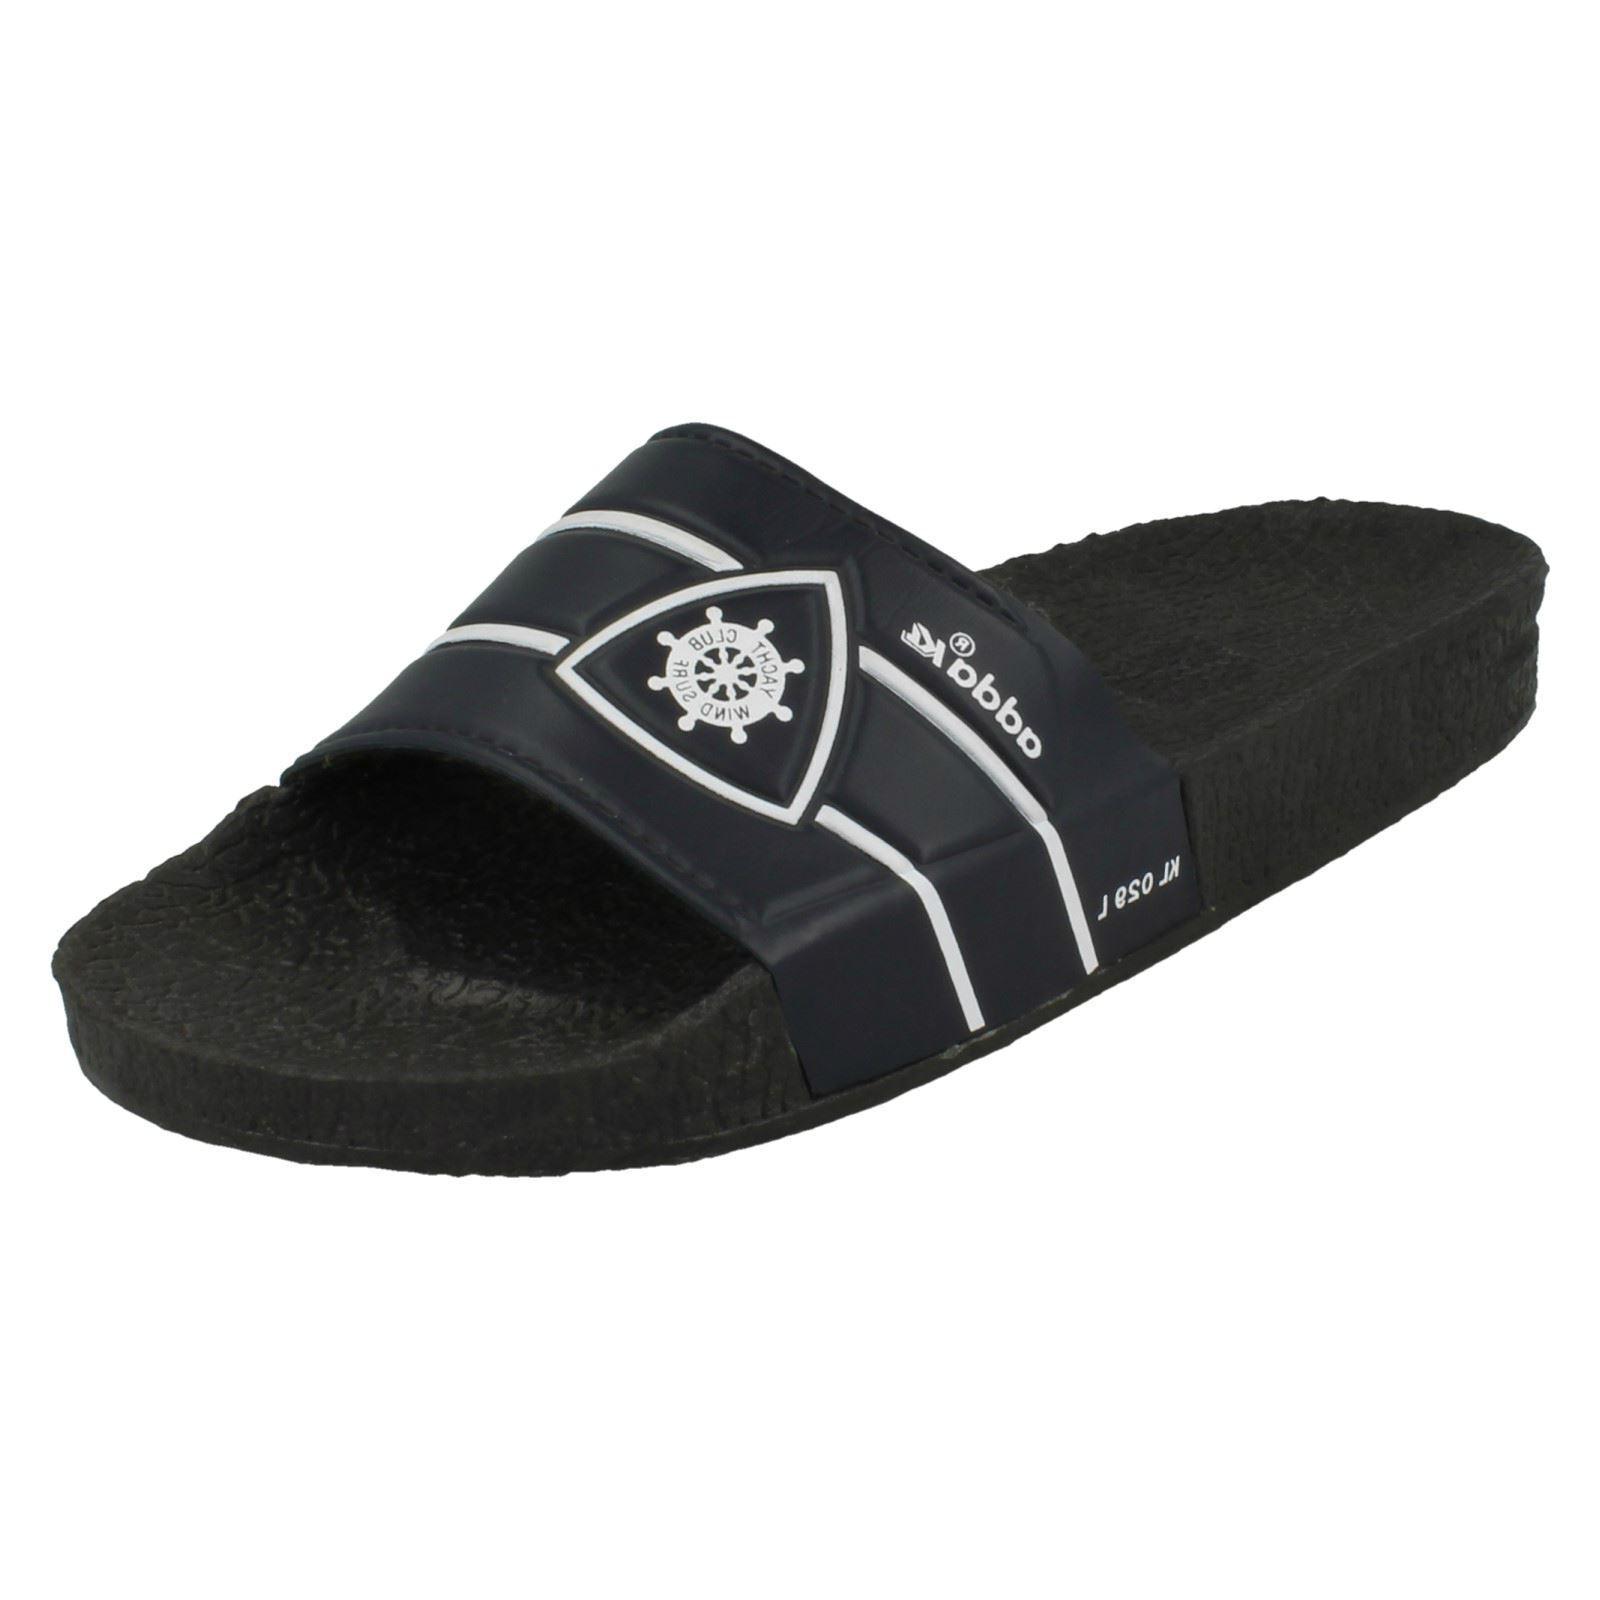 Mens Navy / Adda Slip On Sandals / Navy Mules KL029 36a03f